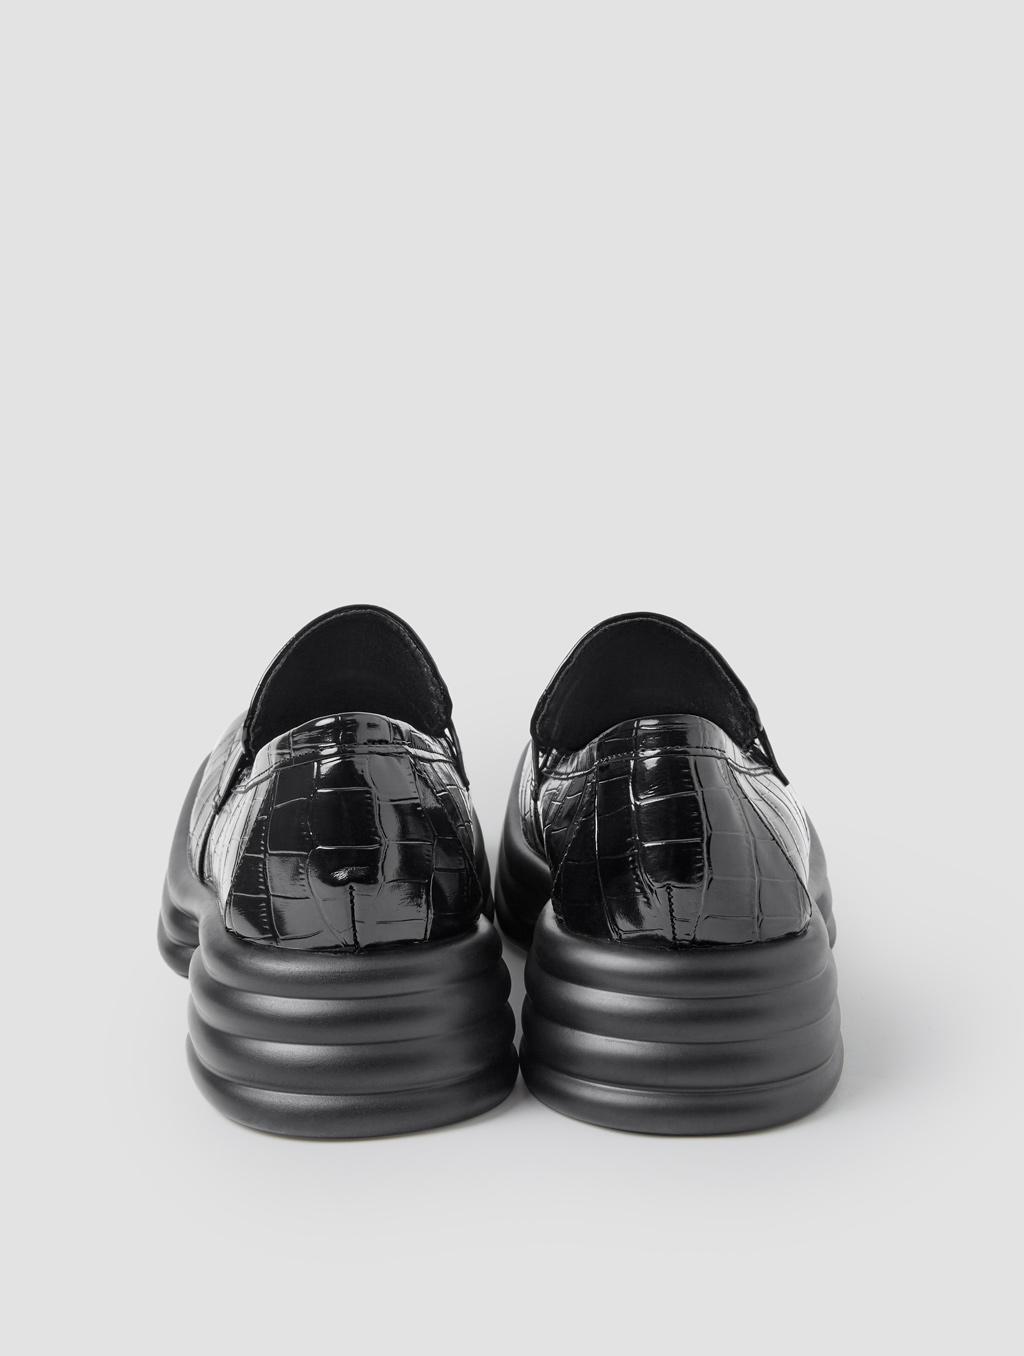 Square Toe Loafers - positive- Crocodile-print Black3